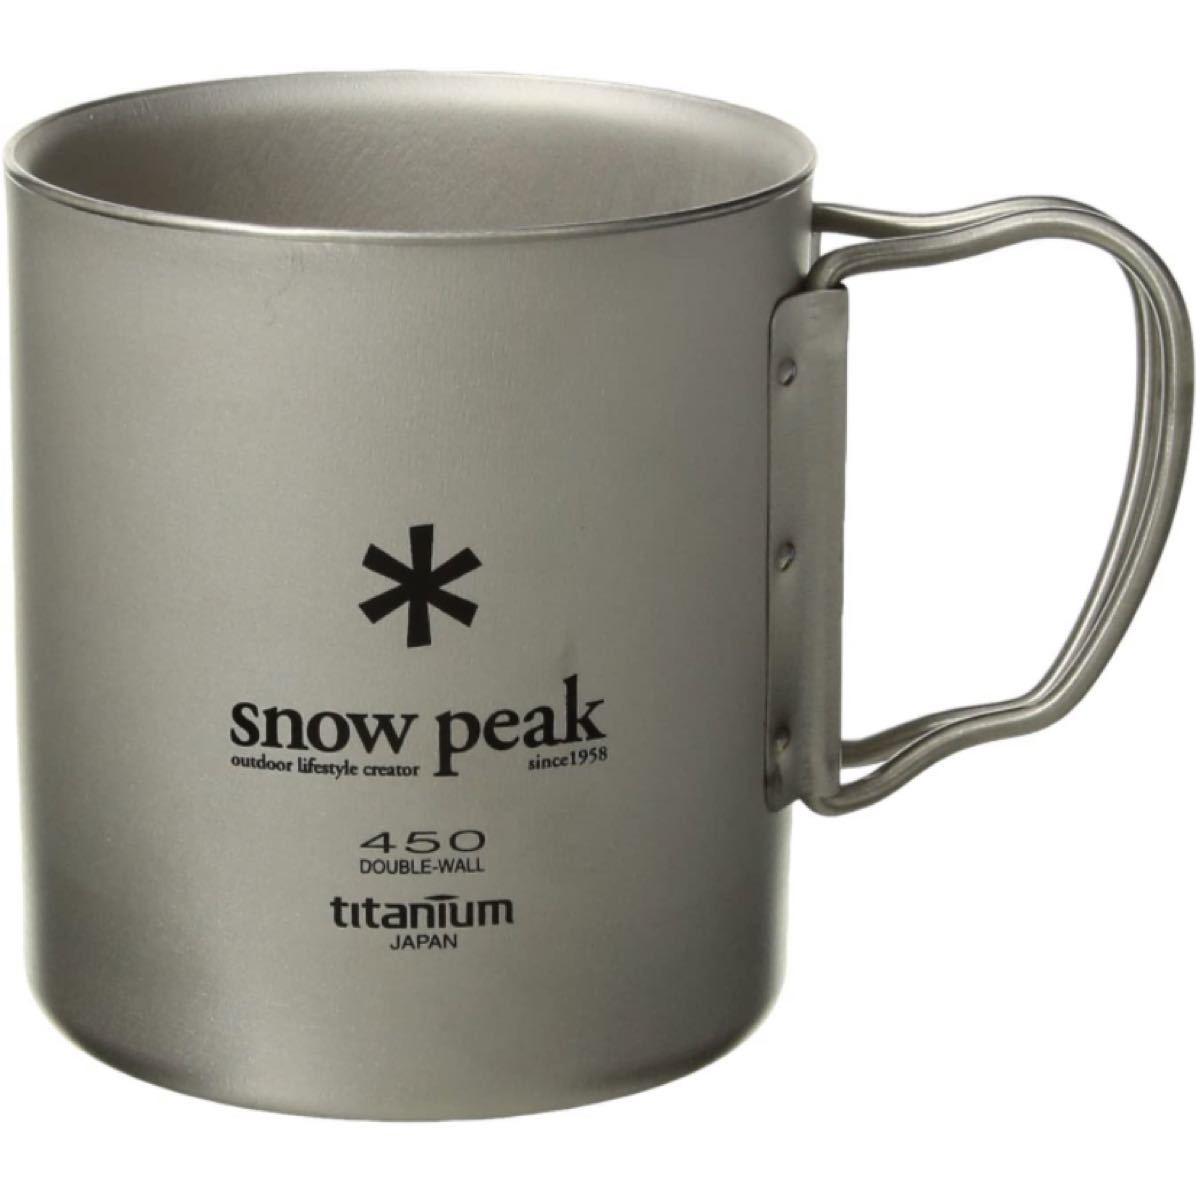 snow peak スノーピーク チタンダブル マグ 450 【2個セット】 TITANIUM マグ